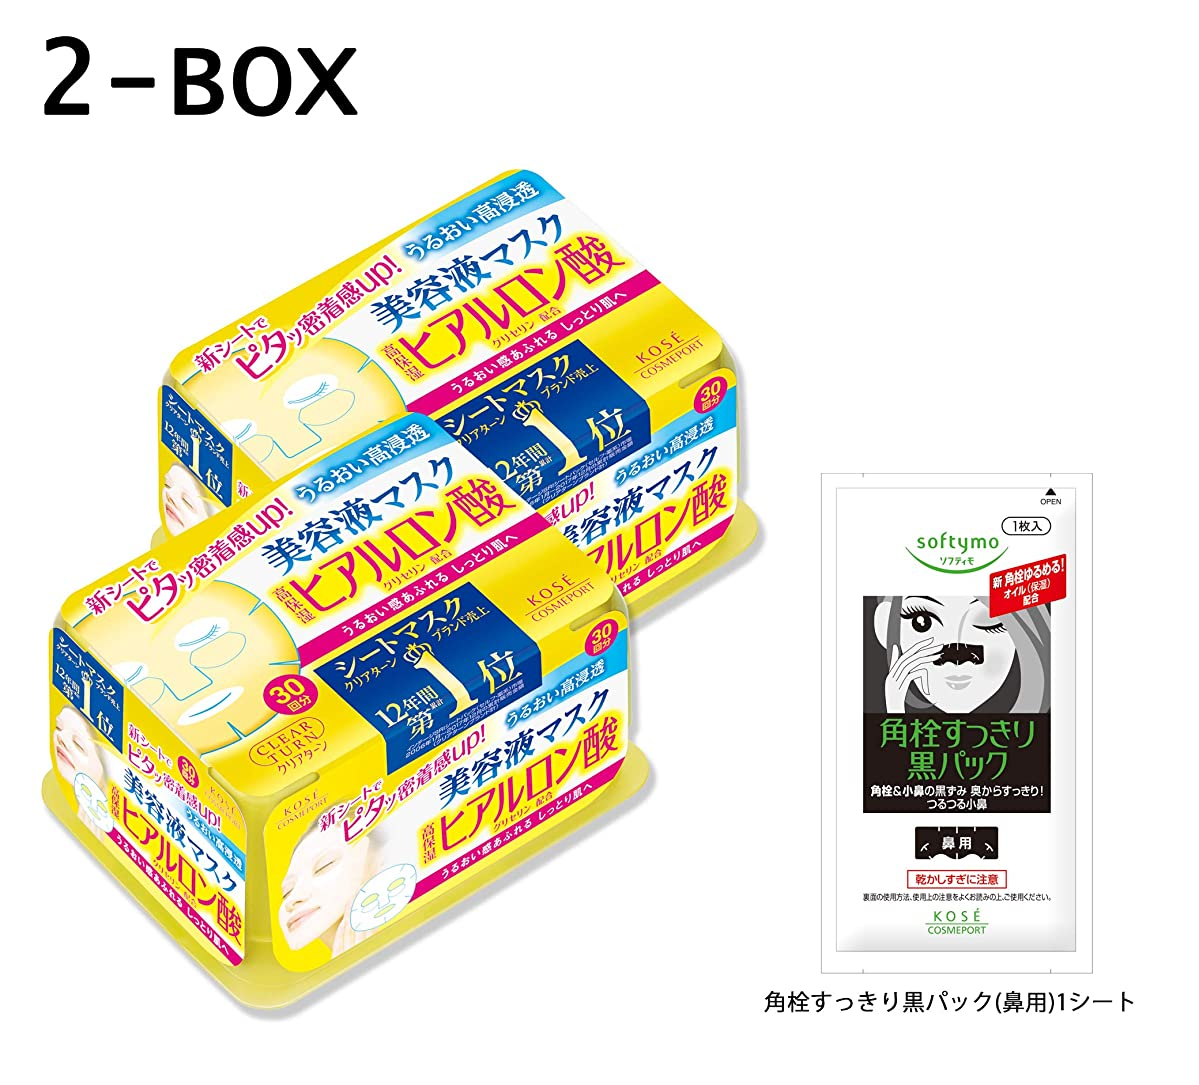 楽な聖歌弾丸【Amazon.co.jp限定】 KOSE コーセー クリアターン エッセンスマスク (ヒアルロン酸) 30回 2P + おまけ付 フェイスマスク 30枚入り×2個+おまけ付き